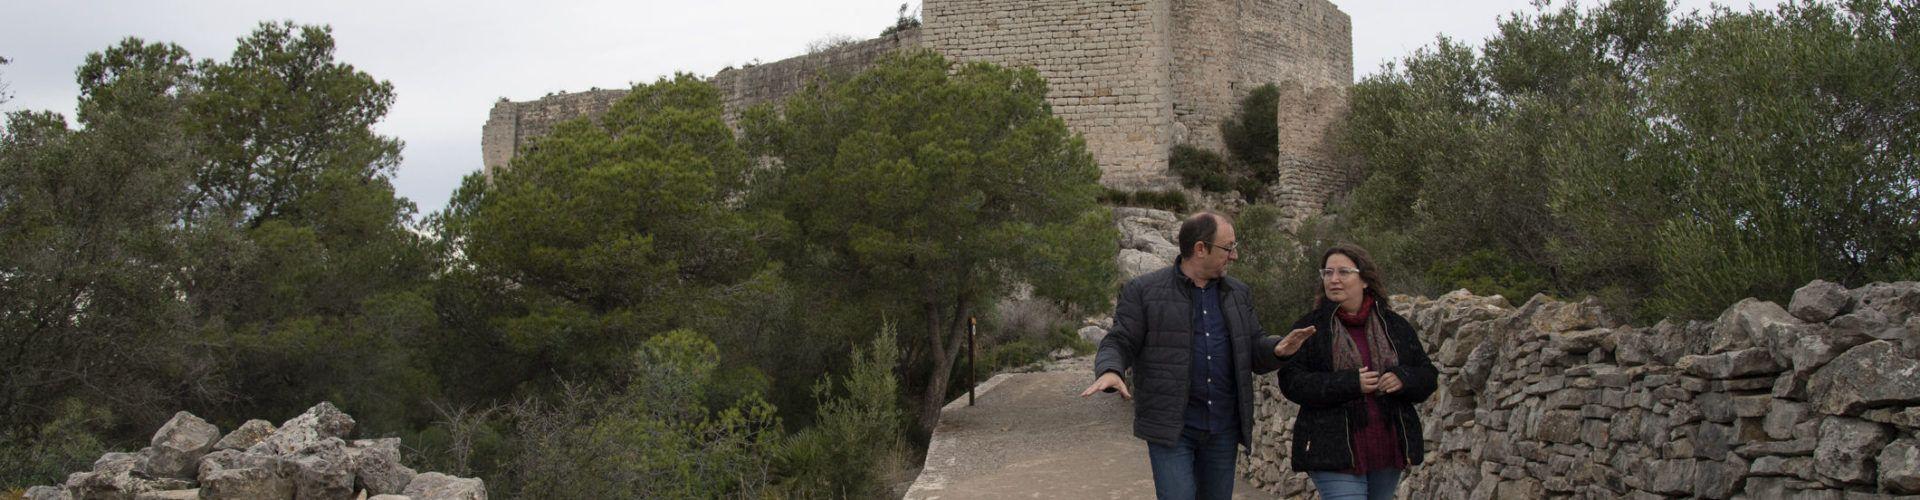 La Diputació recuperarà com a recurs turístic els castells de Xivert i de Polpís sota la marca 'Territori Templer'